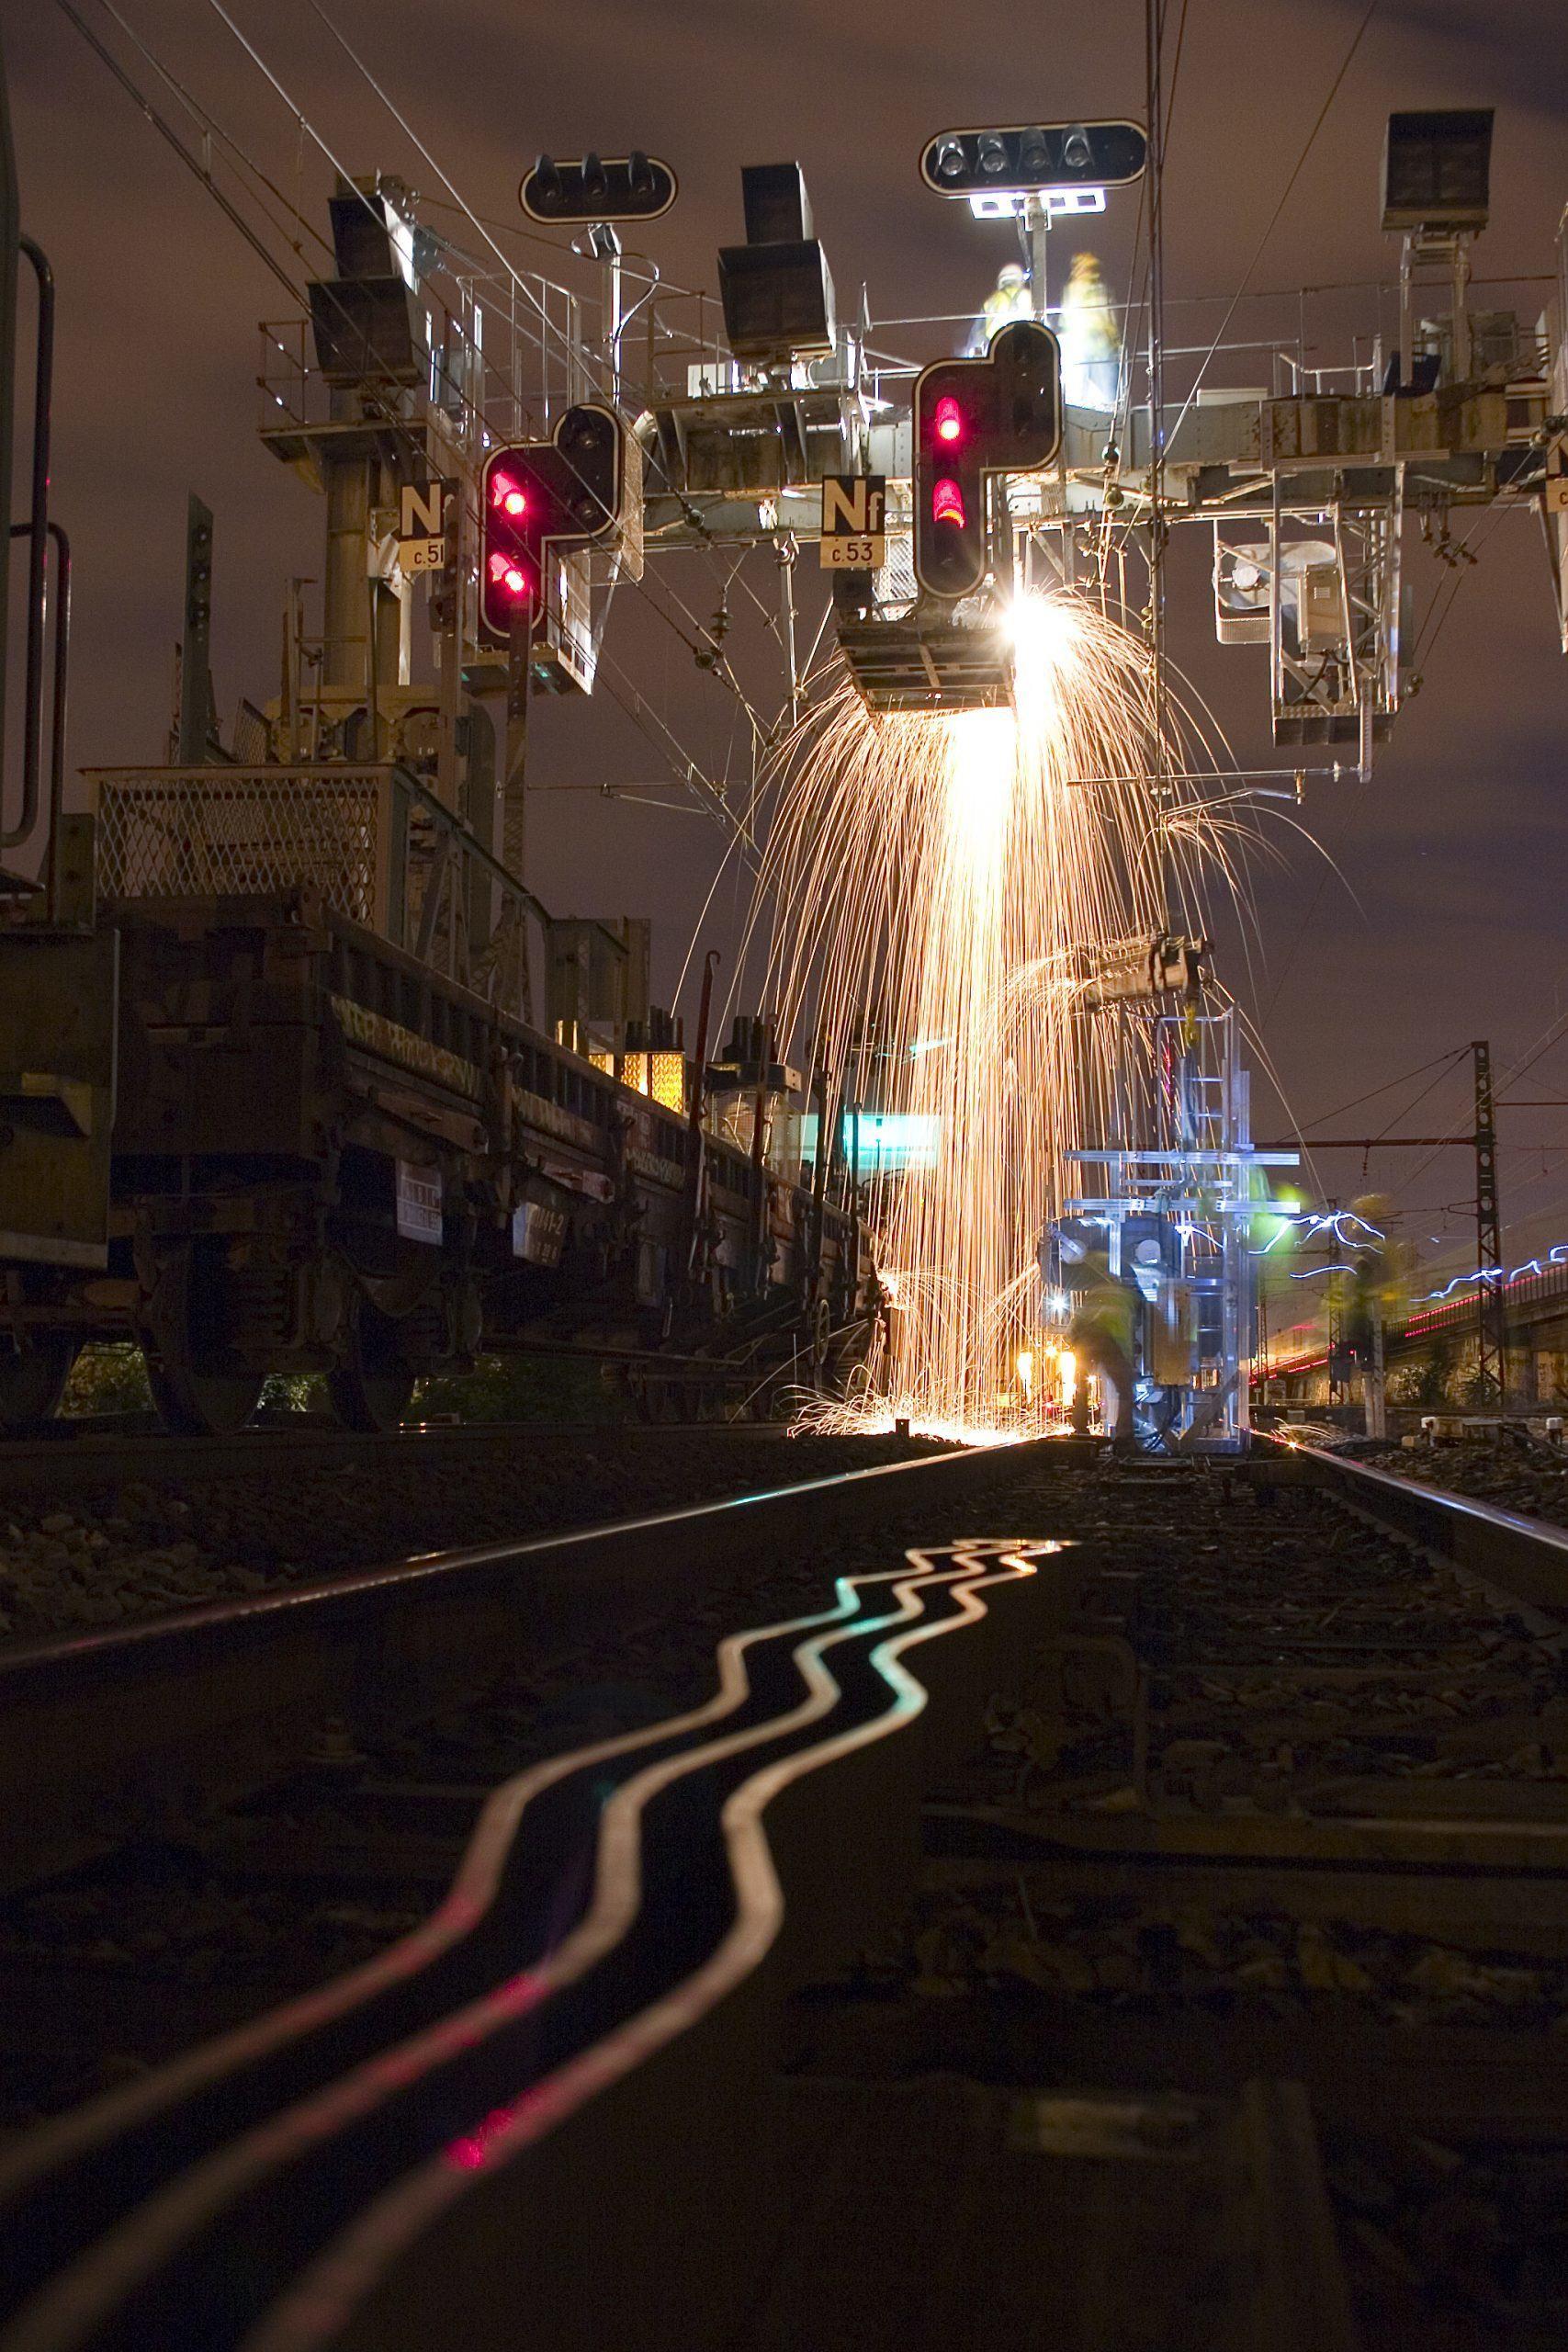 Extraordinaire photo de chantier de remplacement de nacelle par notre expert signalisation ferroviaire Olivier Chamouton